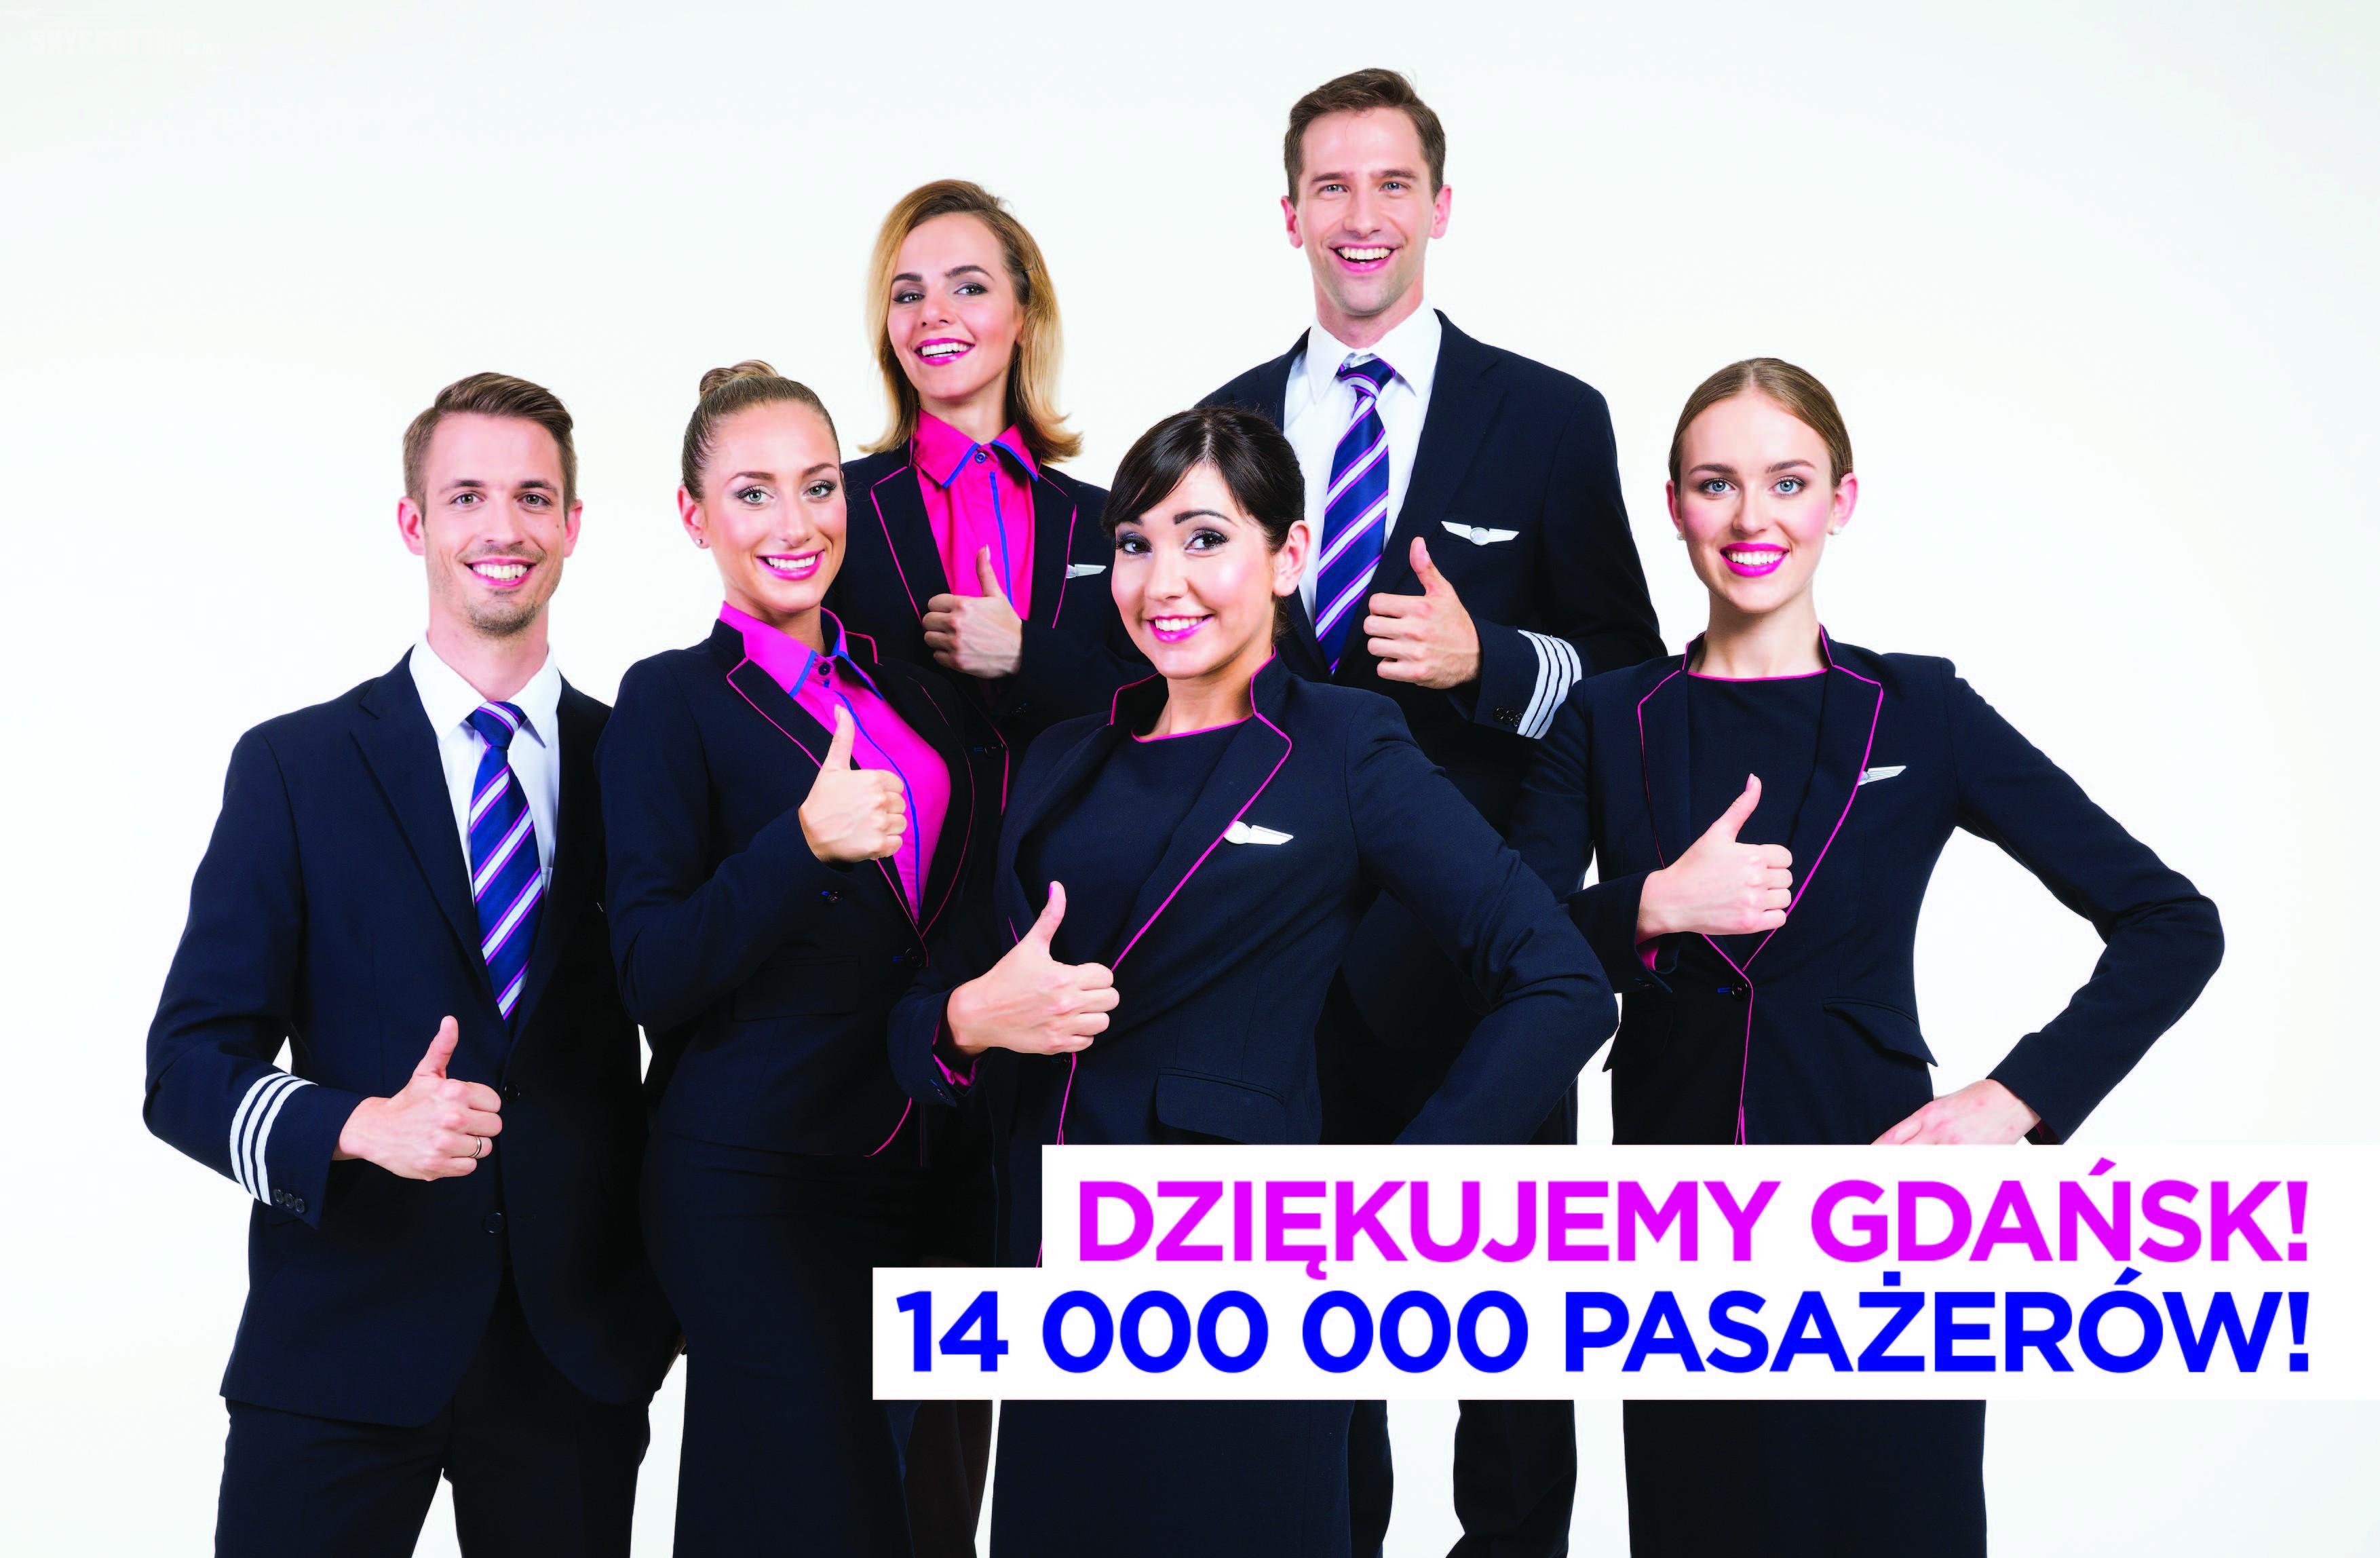 Wizz Air świętuje 14 milionów pasażerów w porcie lotniczym Gdańsk im. Lecha Wałęsy